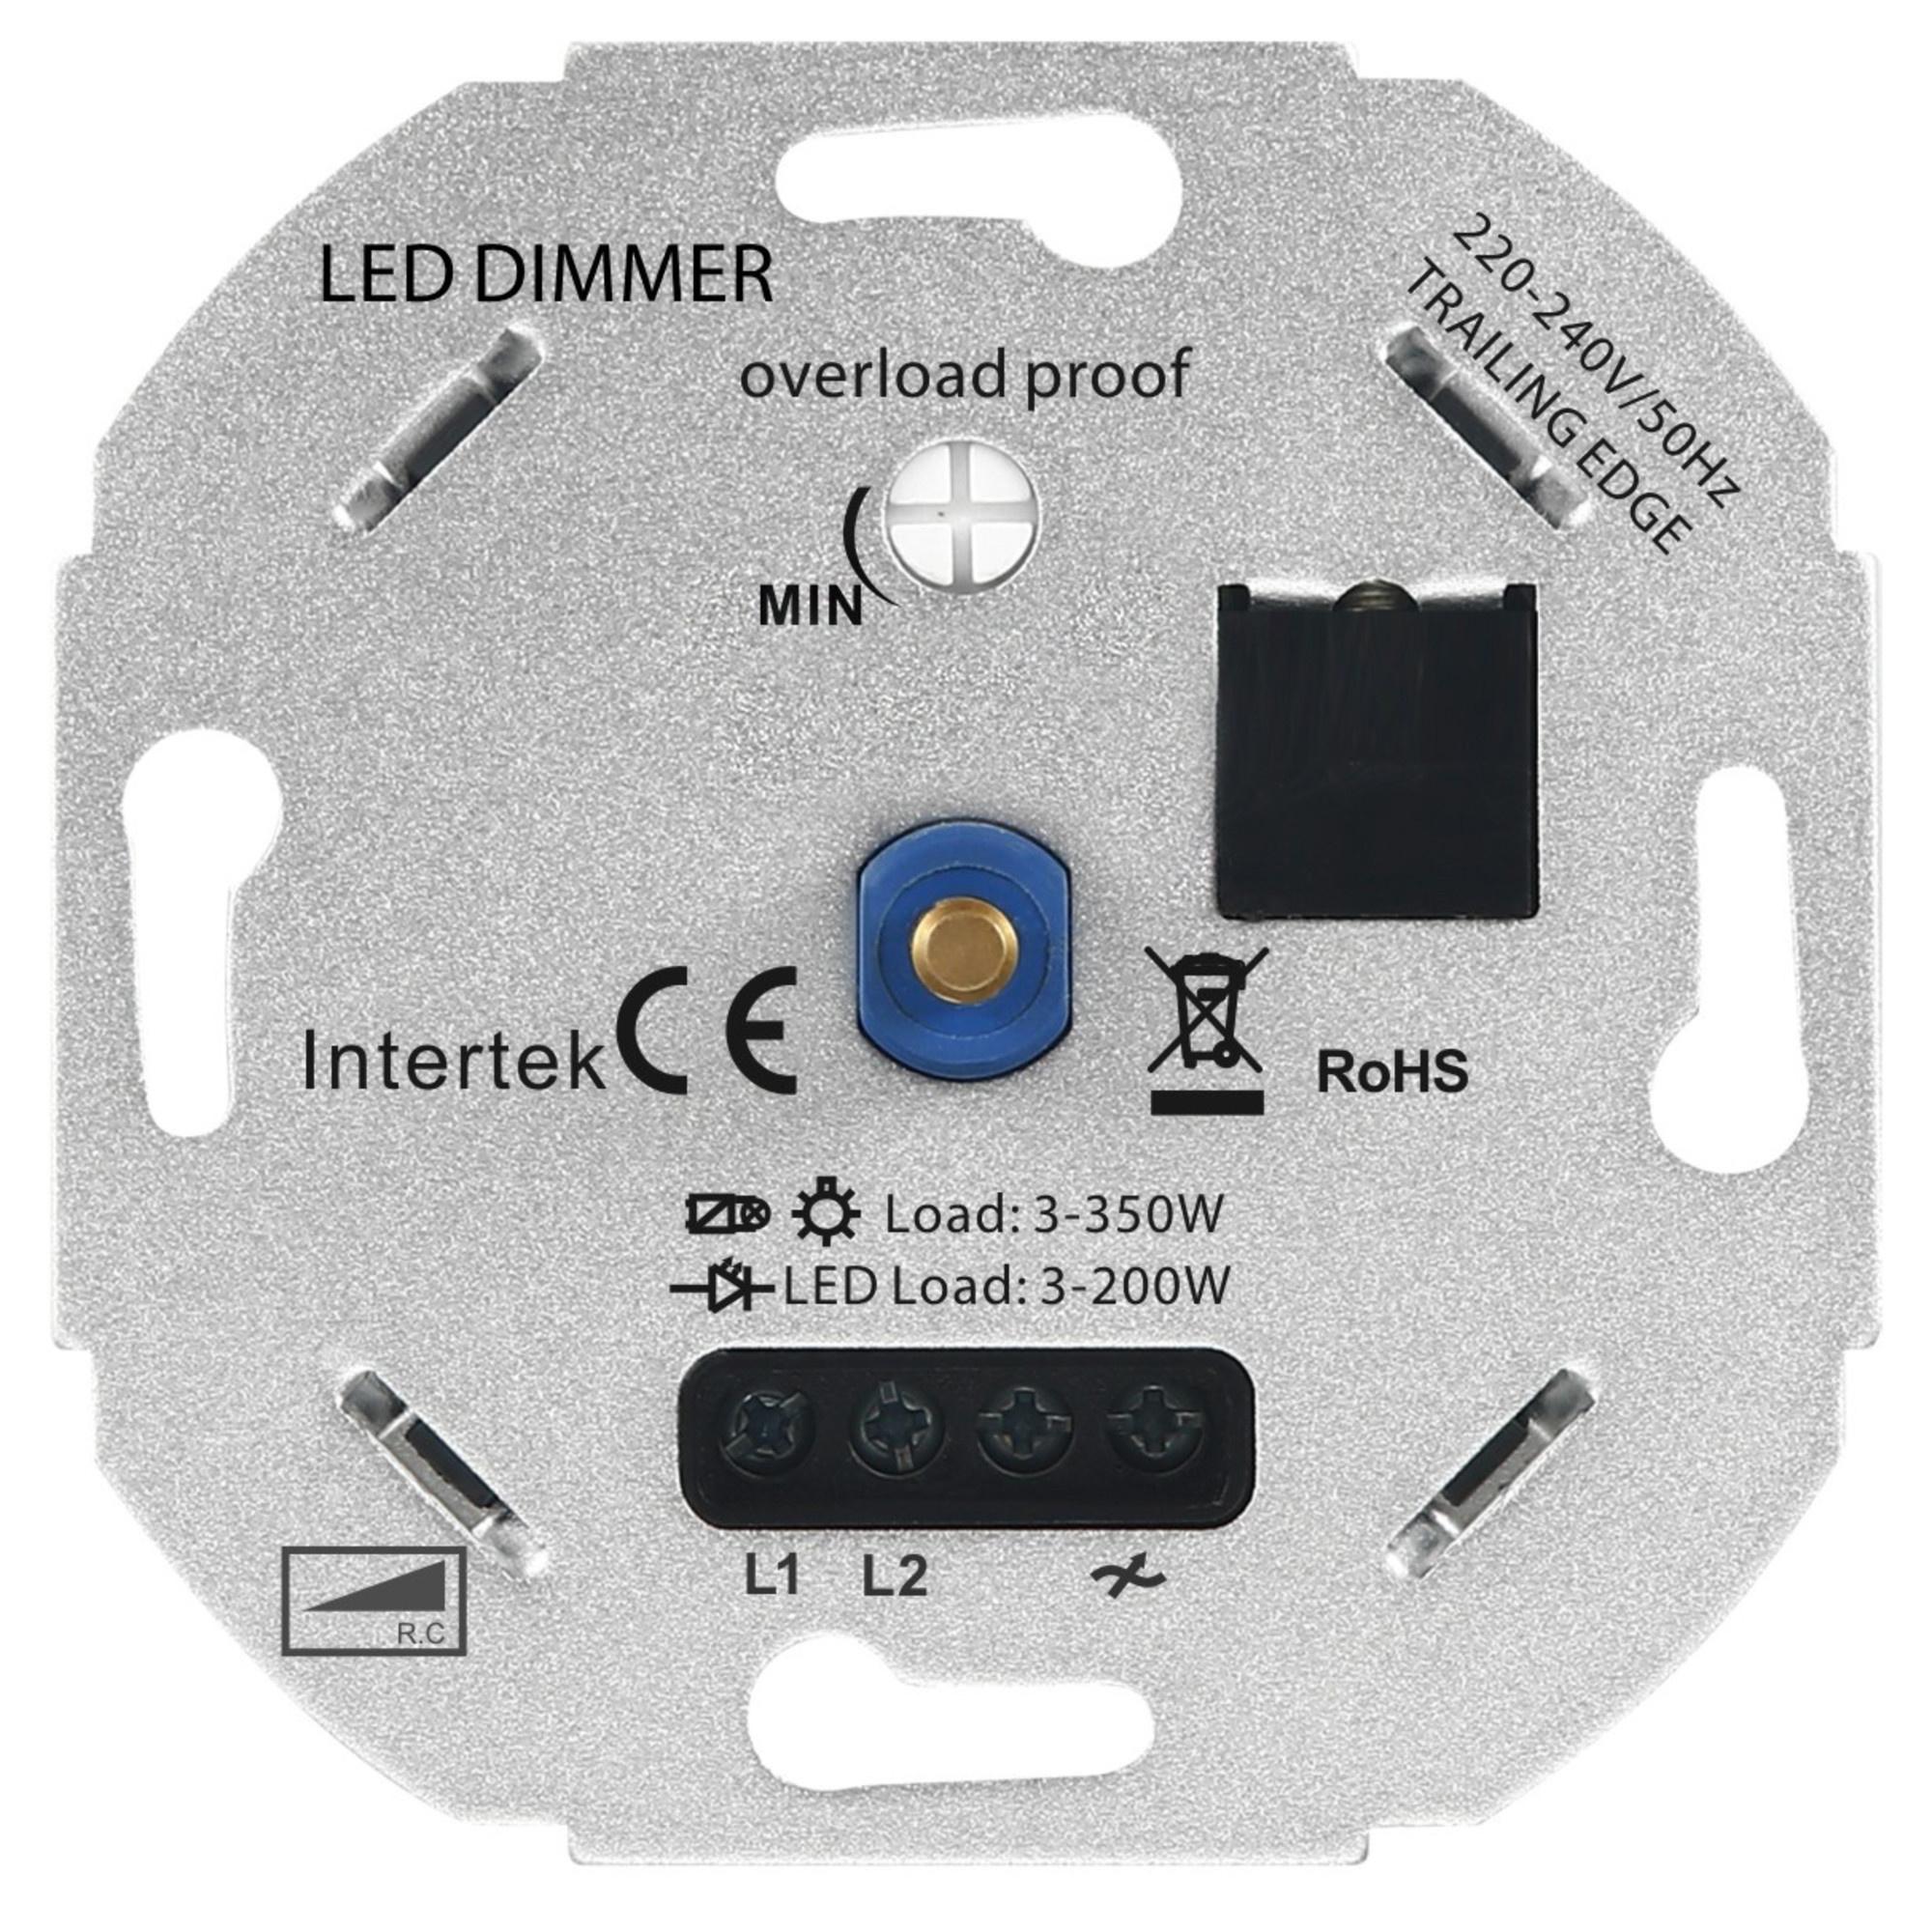 LED Dimmer 3-350W 220-240V - Fase Afsnijding